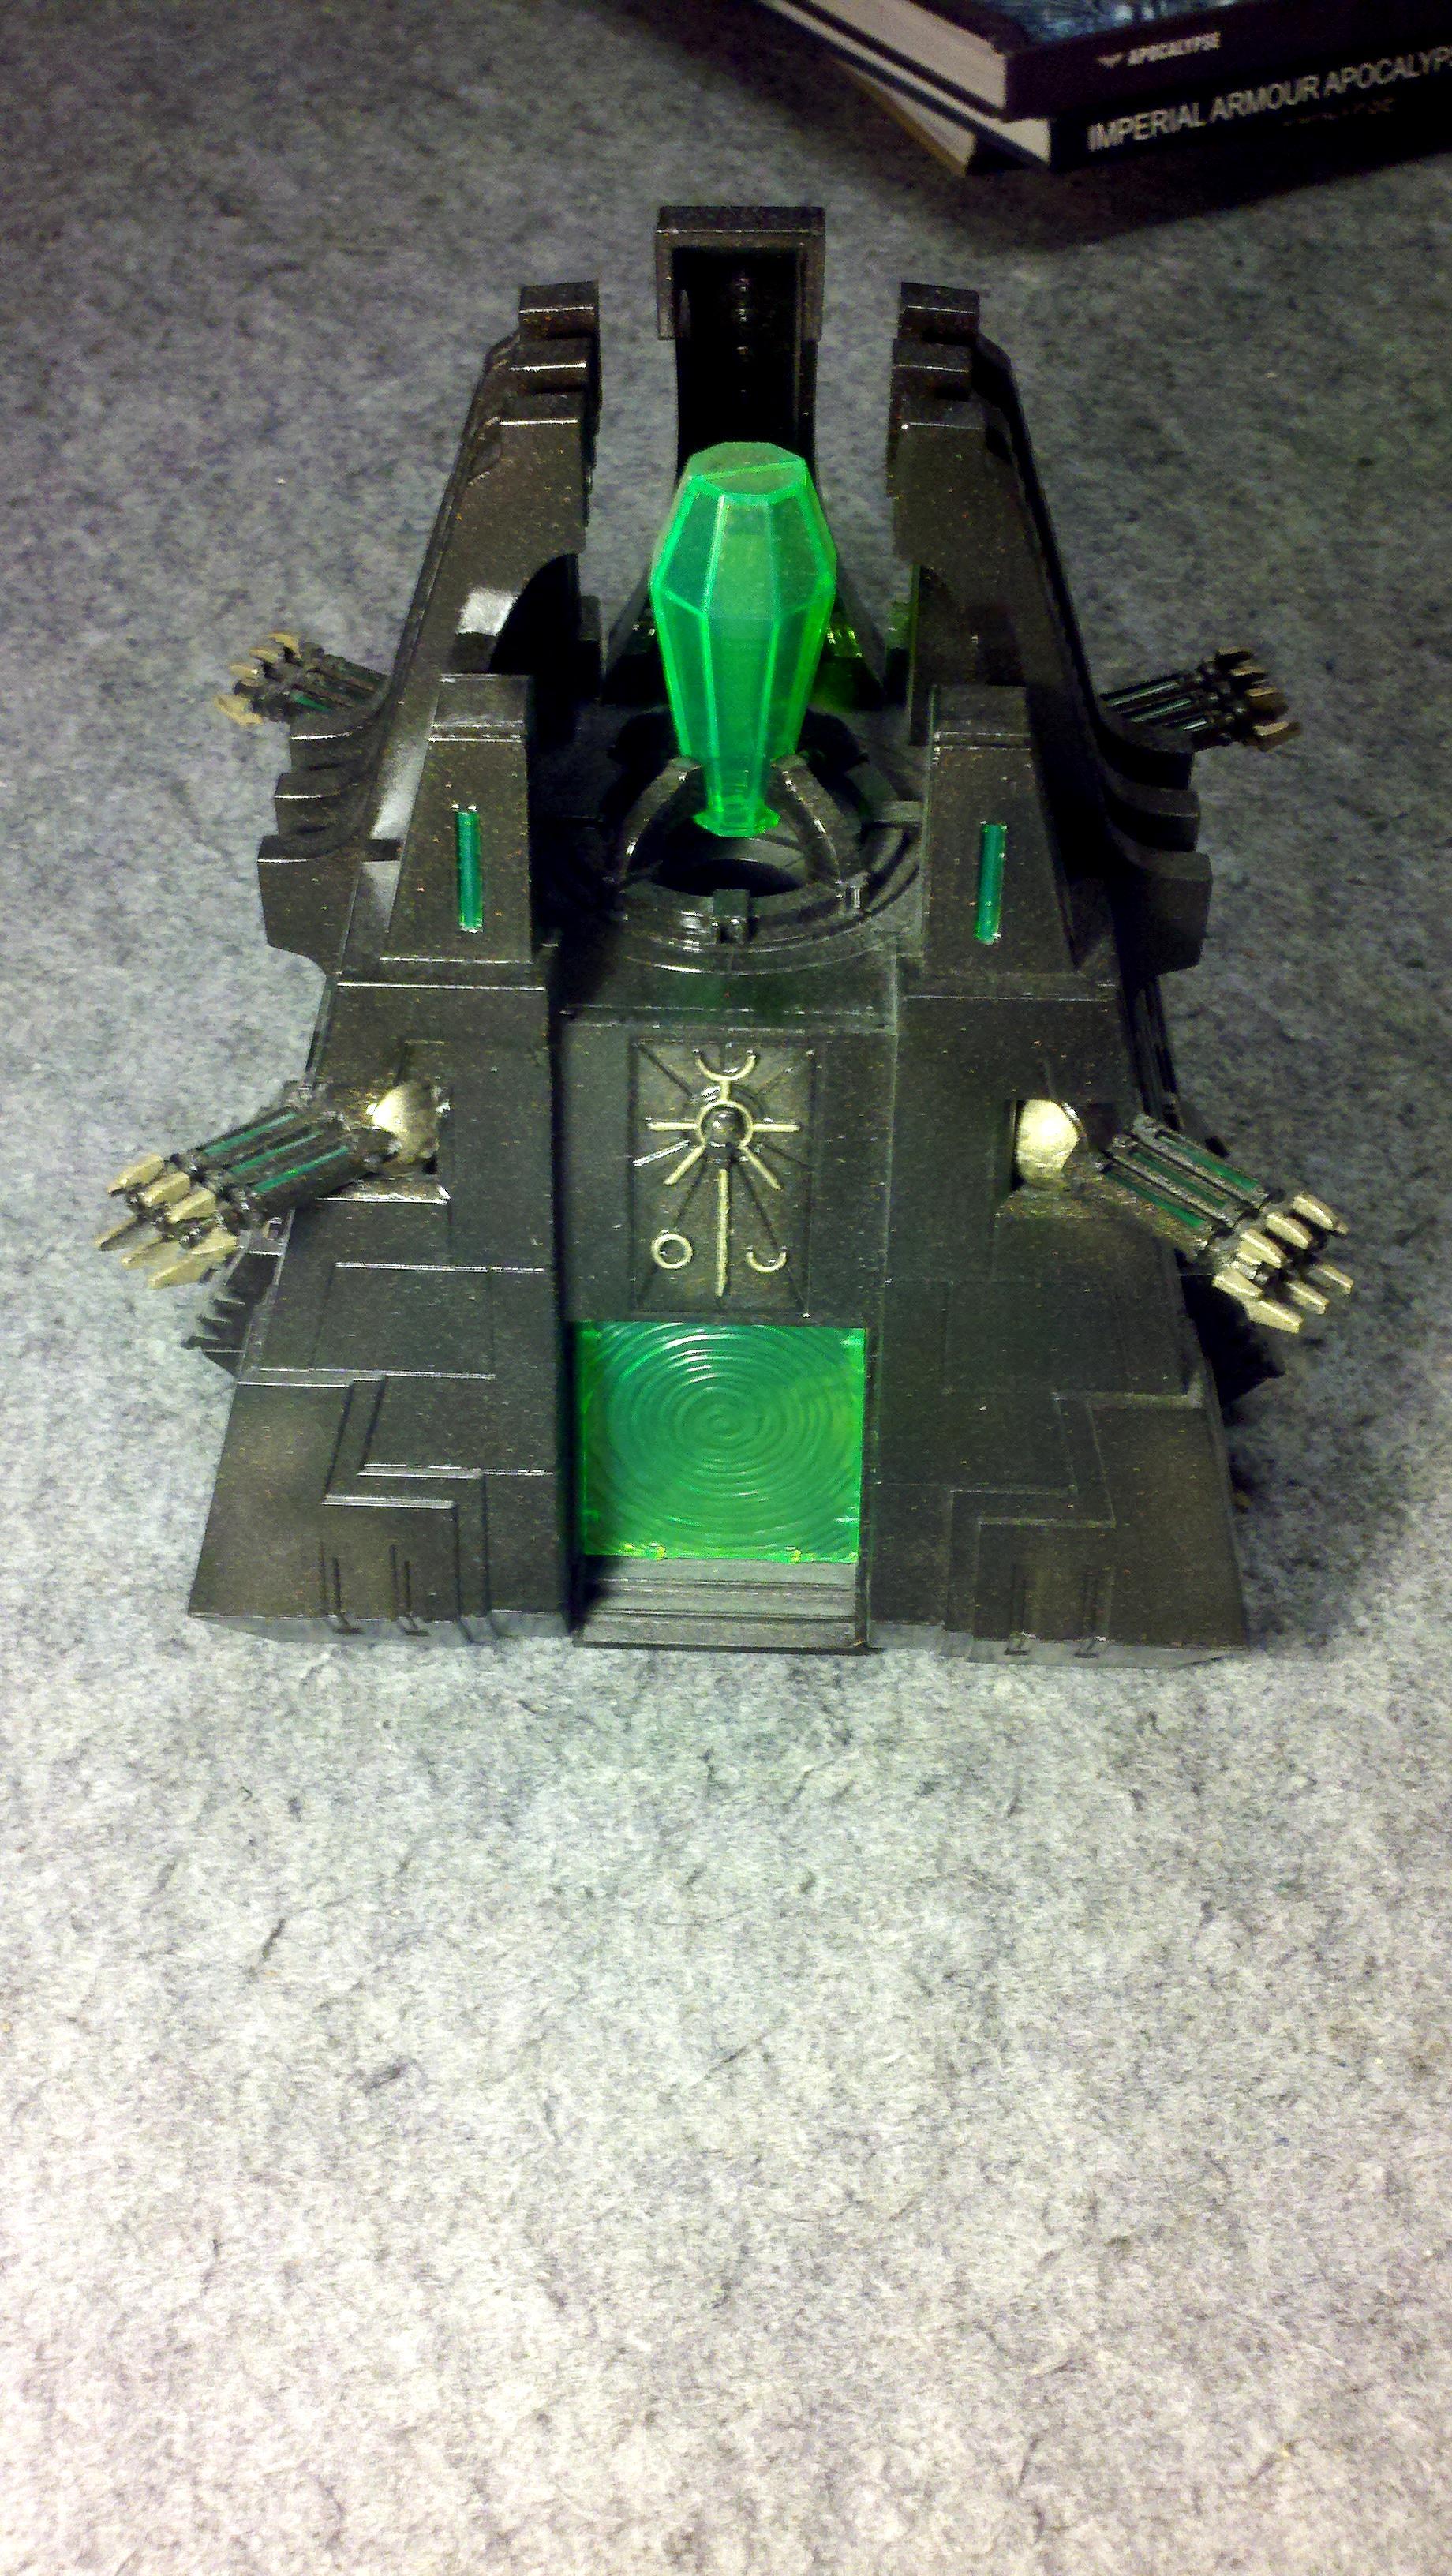 Monolith, Necrons, Warhammer 40,000